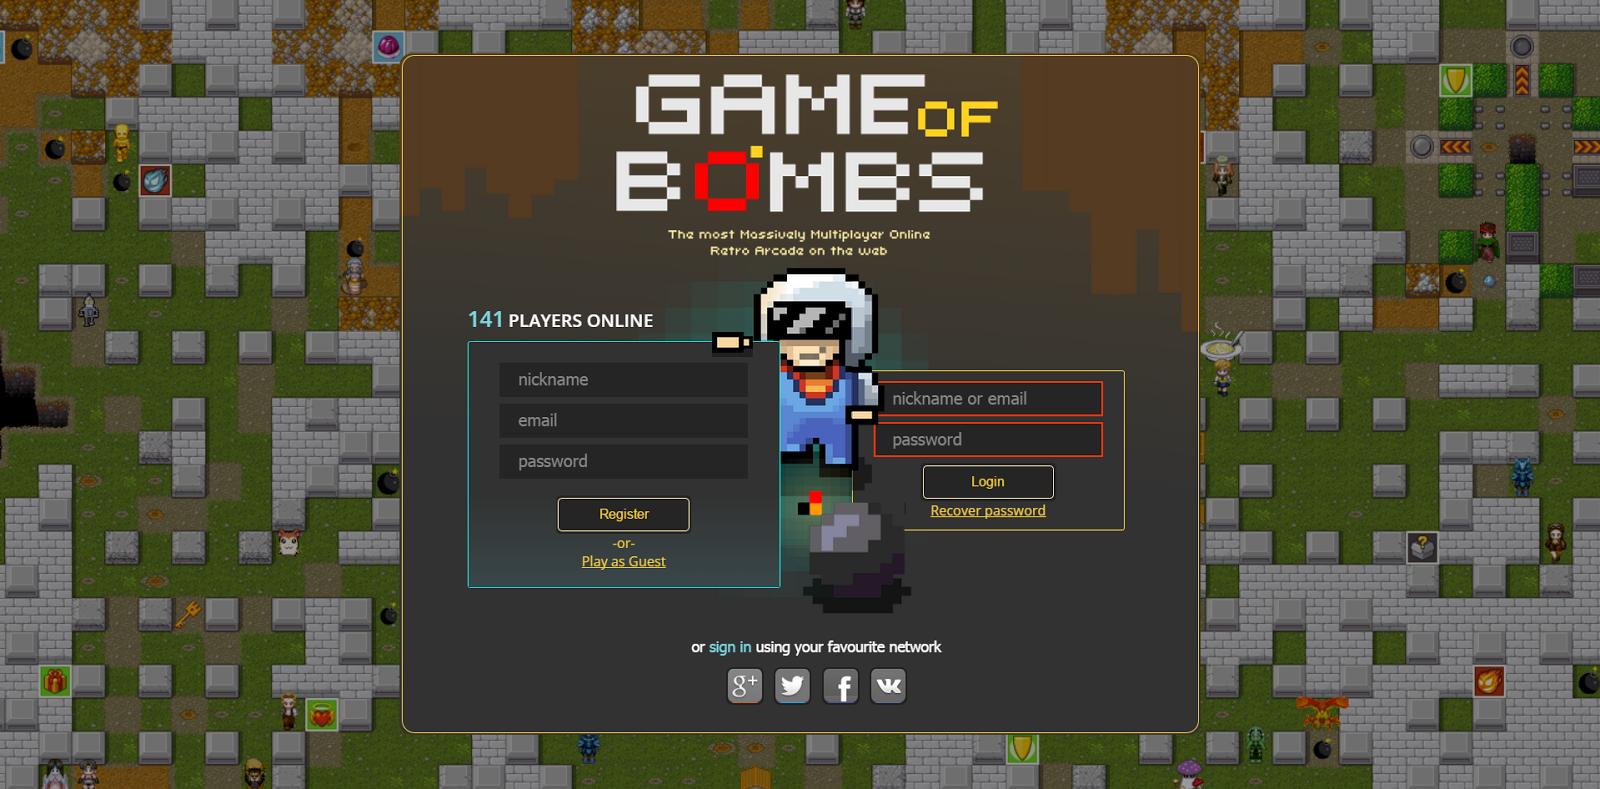 Los Medios Audiovisuales 3 Juegos Online Gratis Y Altamente Adictivos